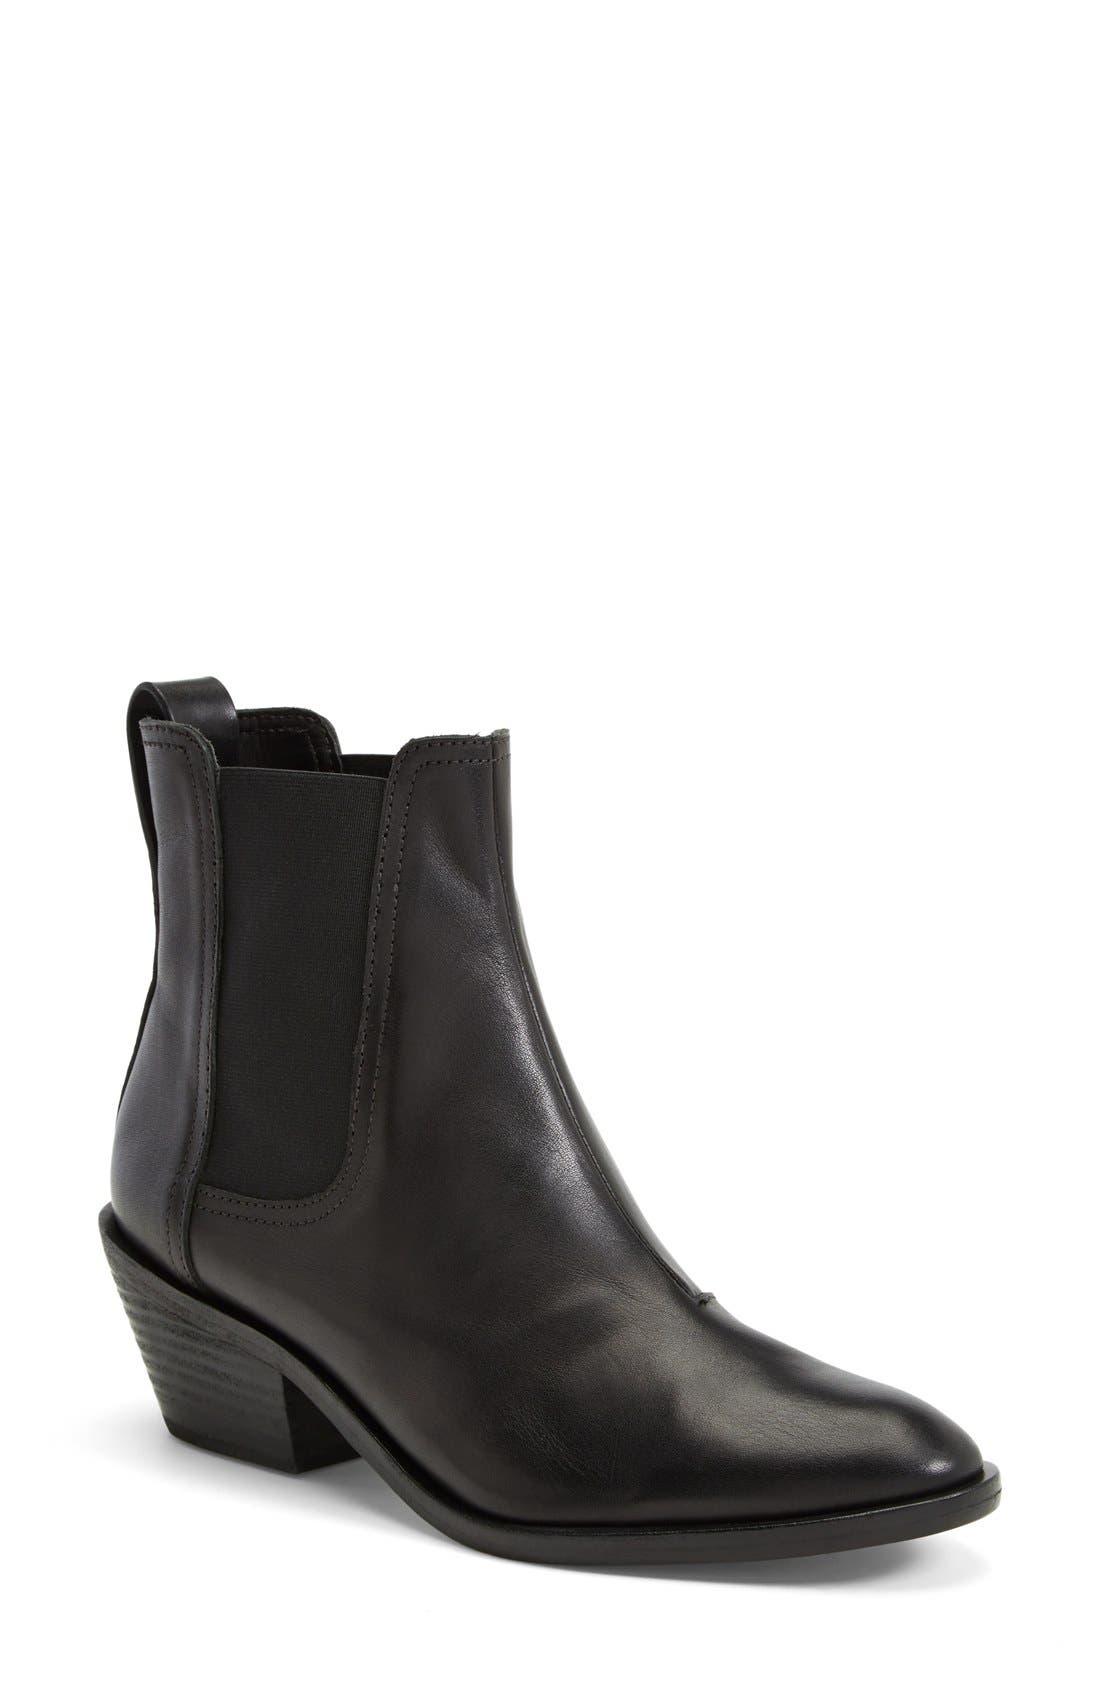 Alternate Image 1 Selected - rag & bone 'Dixon' Boot (Women)